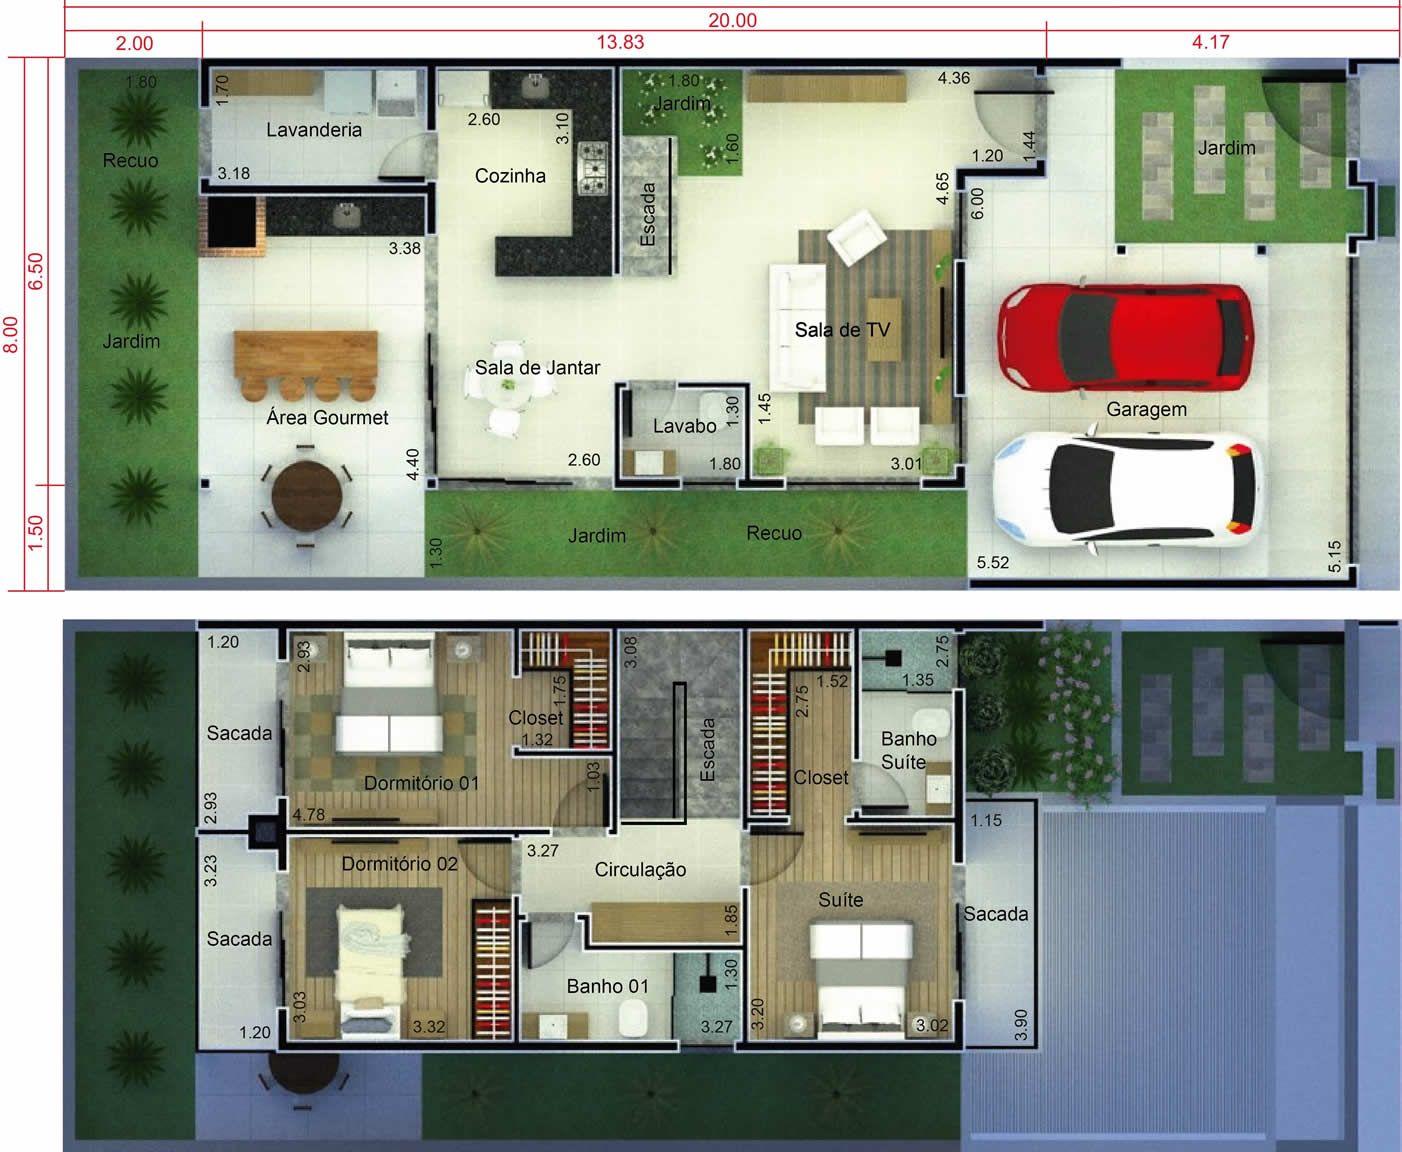 Plano De Casa De 3 Habitaciones Con Balcon Planos De Casas Modelos De Casas E Mansiones E Fachadas De Casas Planos De Casas Casas Disenos De Casas